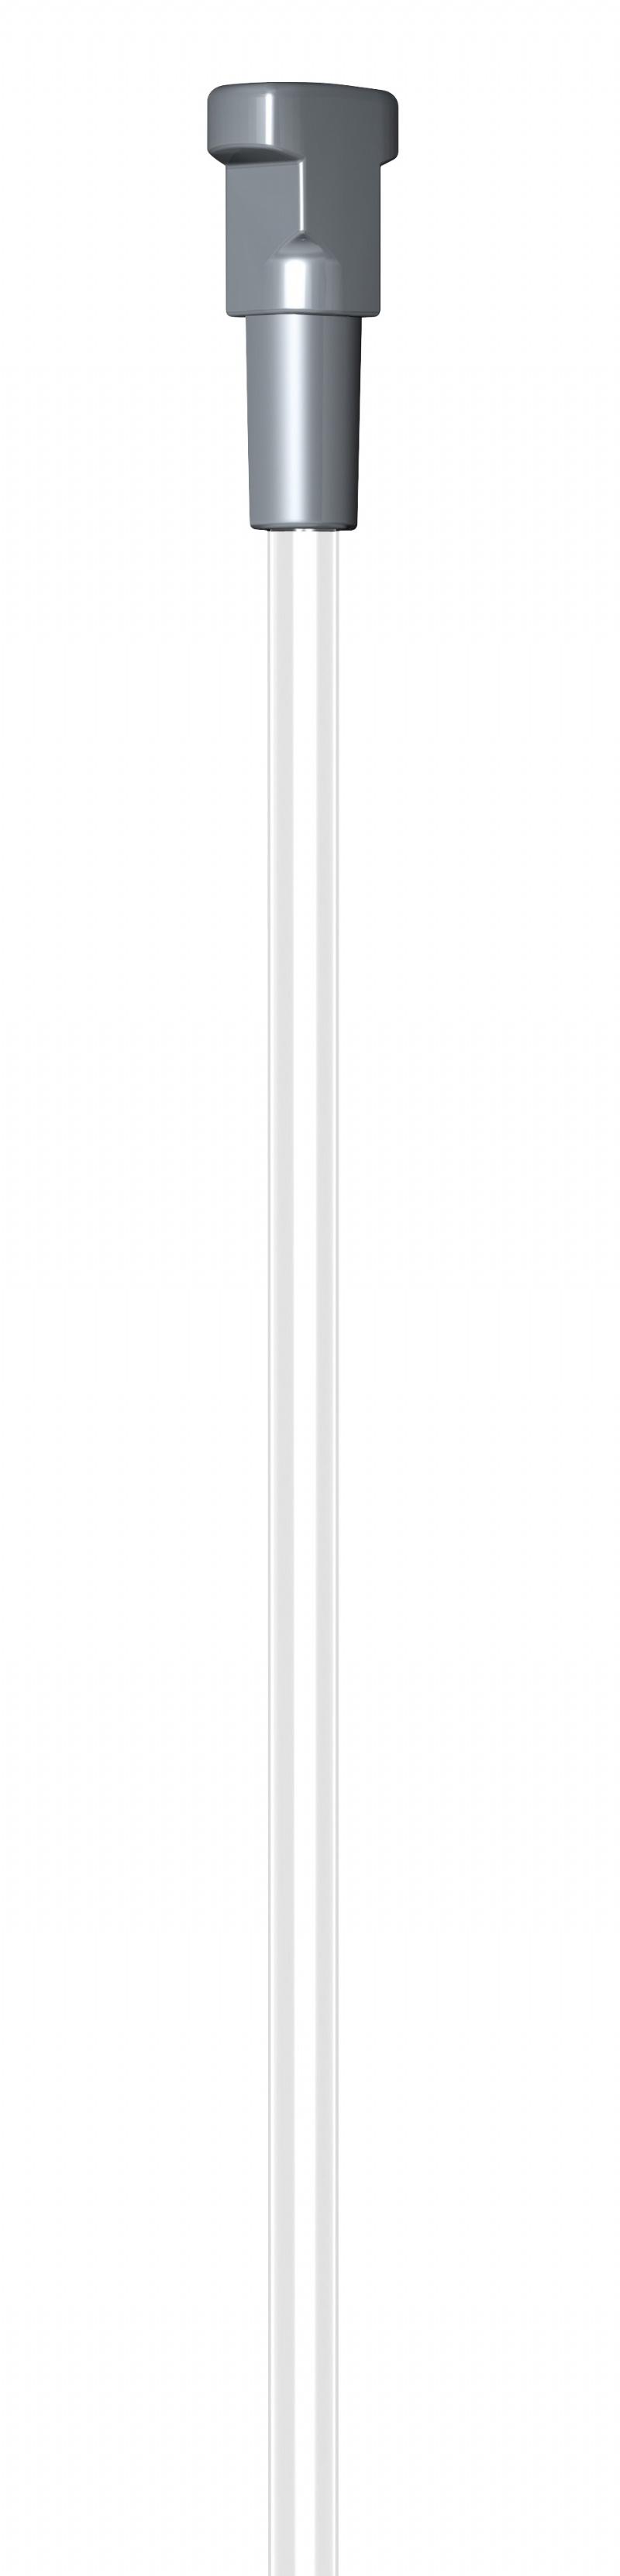 suspension type TWISTER nouveauté 2011 en remplacement futur du COBRA